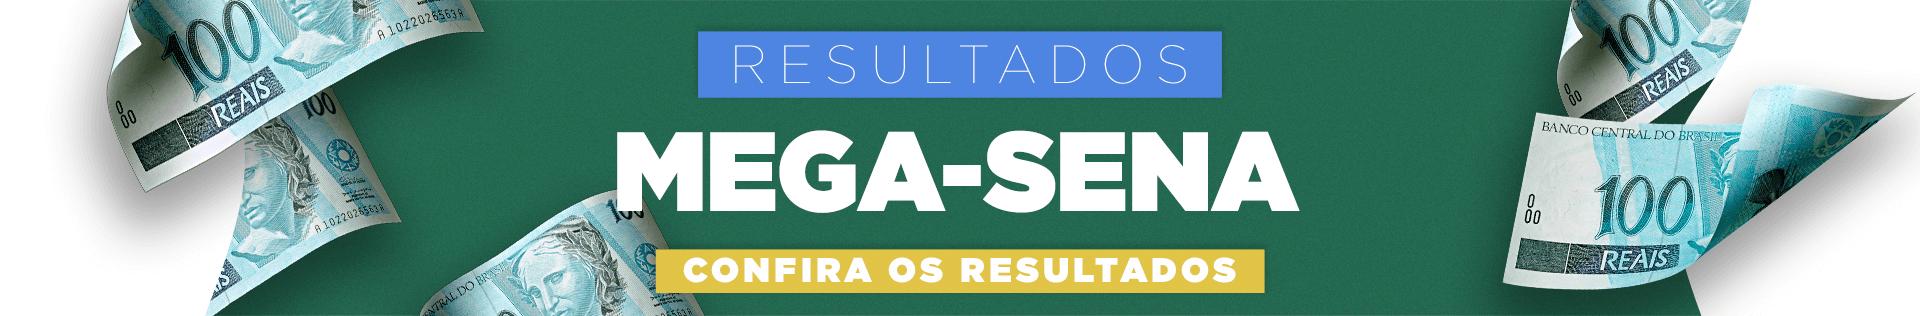 Mega-Sena: Aposte Online! Resultados e Notícias | Intersena